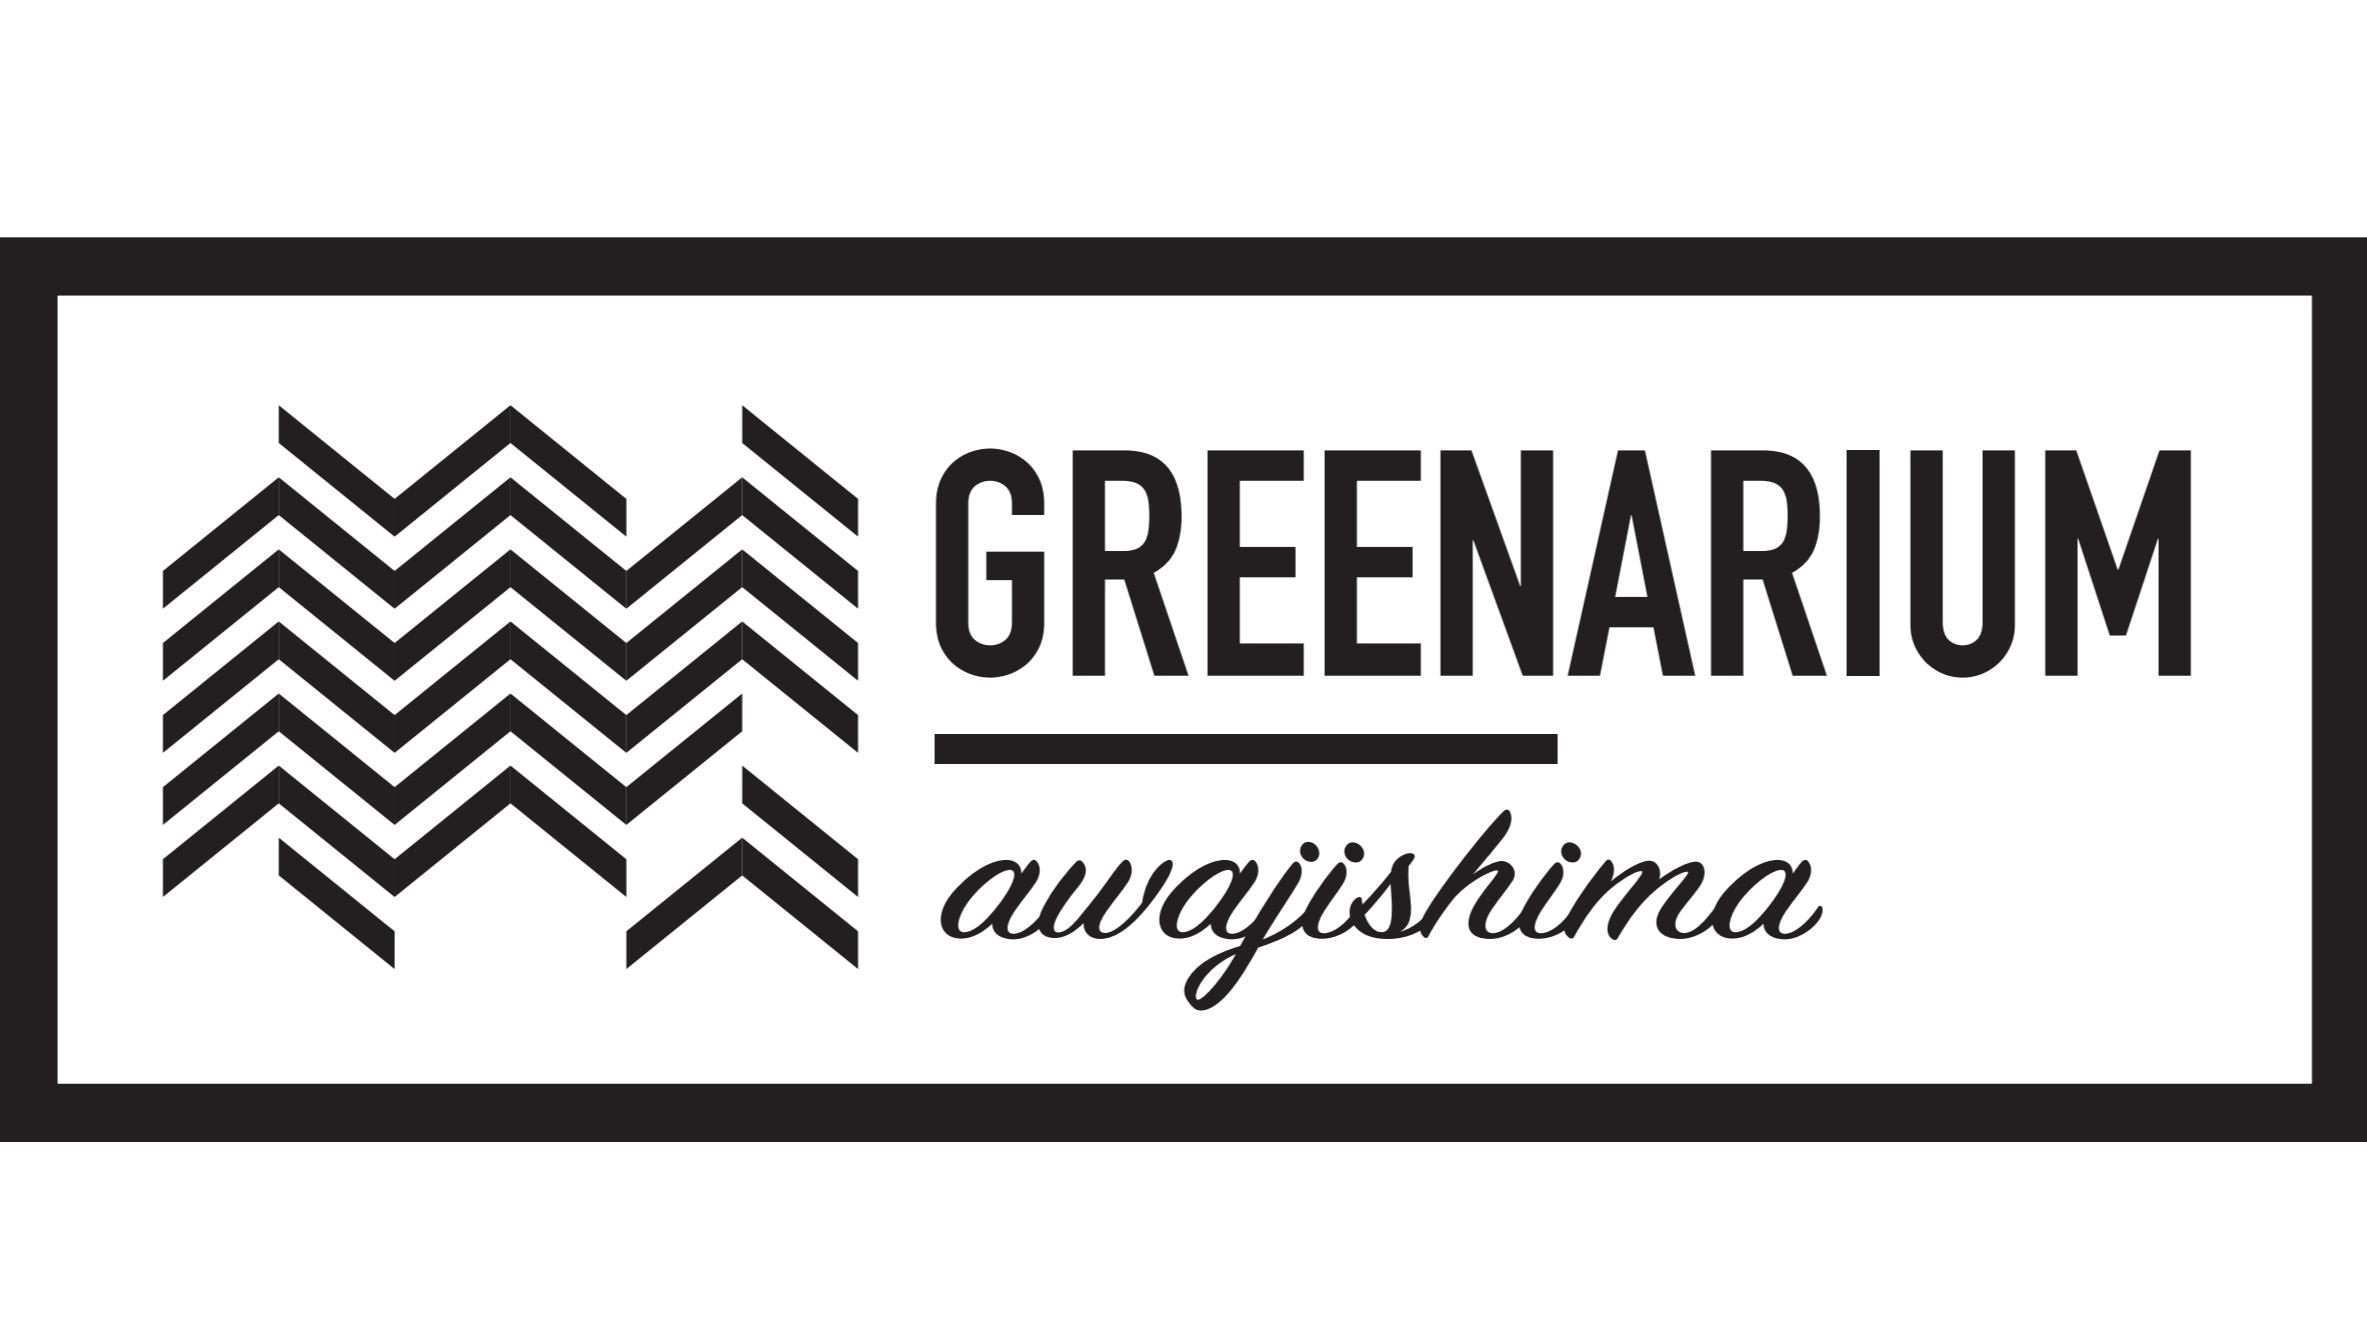 GREENARIUM STORE